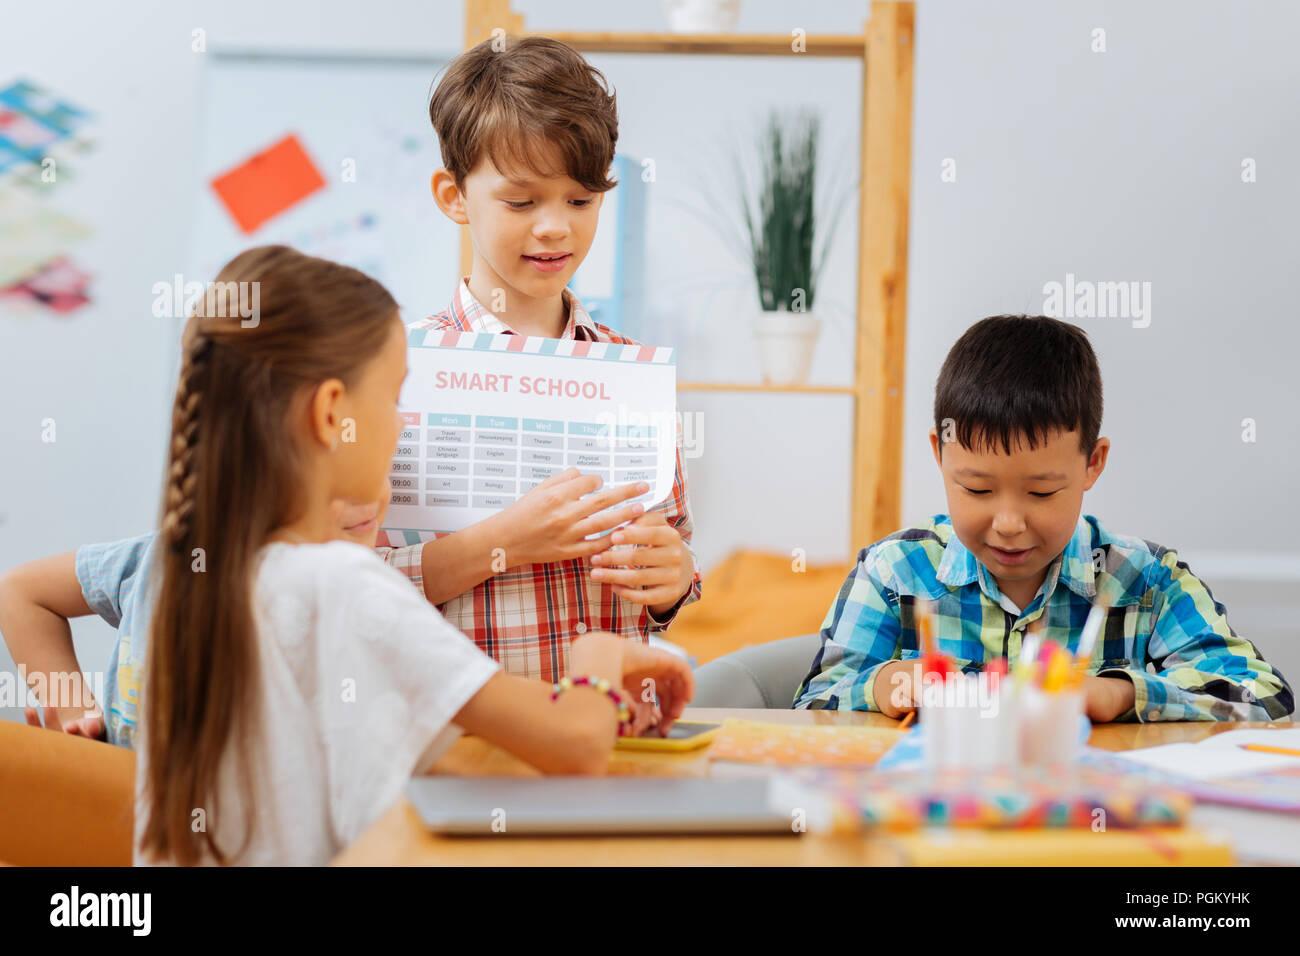 Écolier attentif expliquant de nouveau matériel pour les partenaires Photo Stock